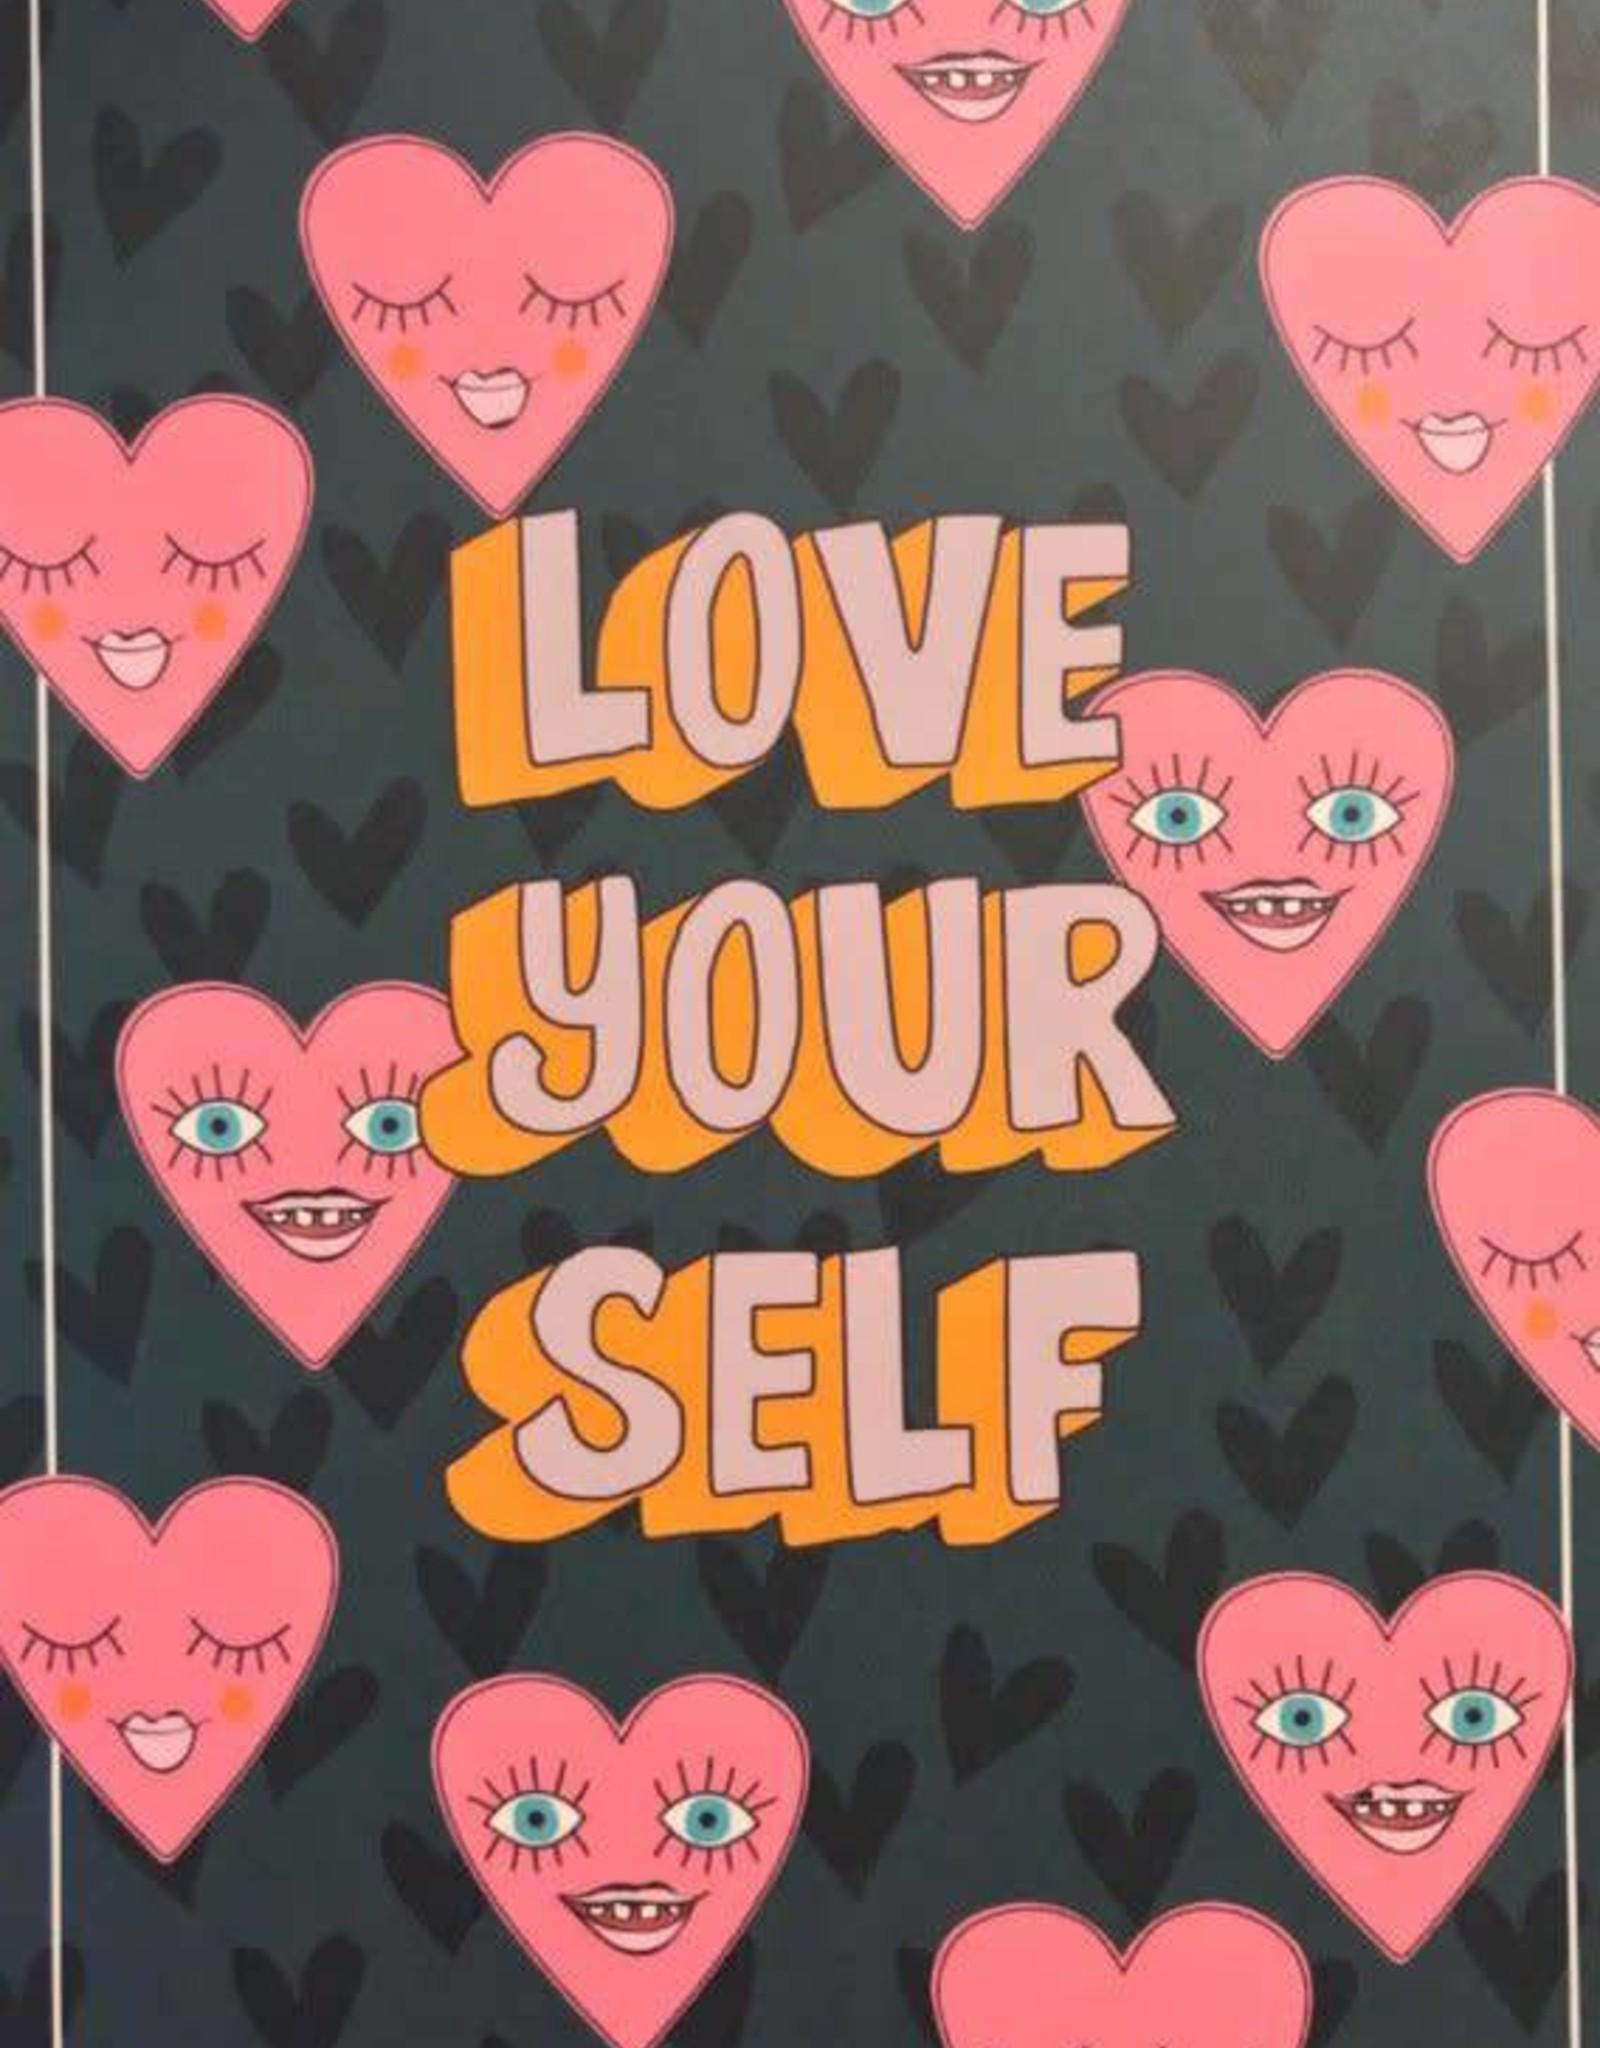 Bulu Bulu anzichtkaart Love yourself